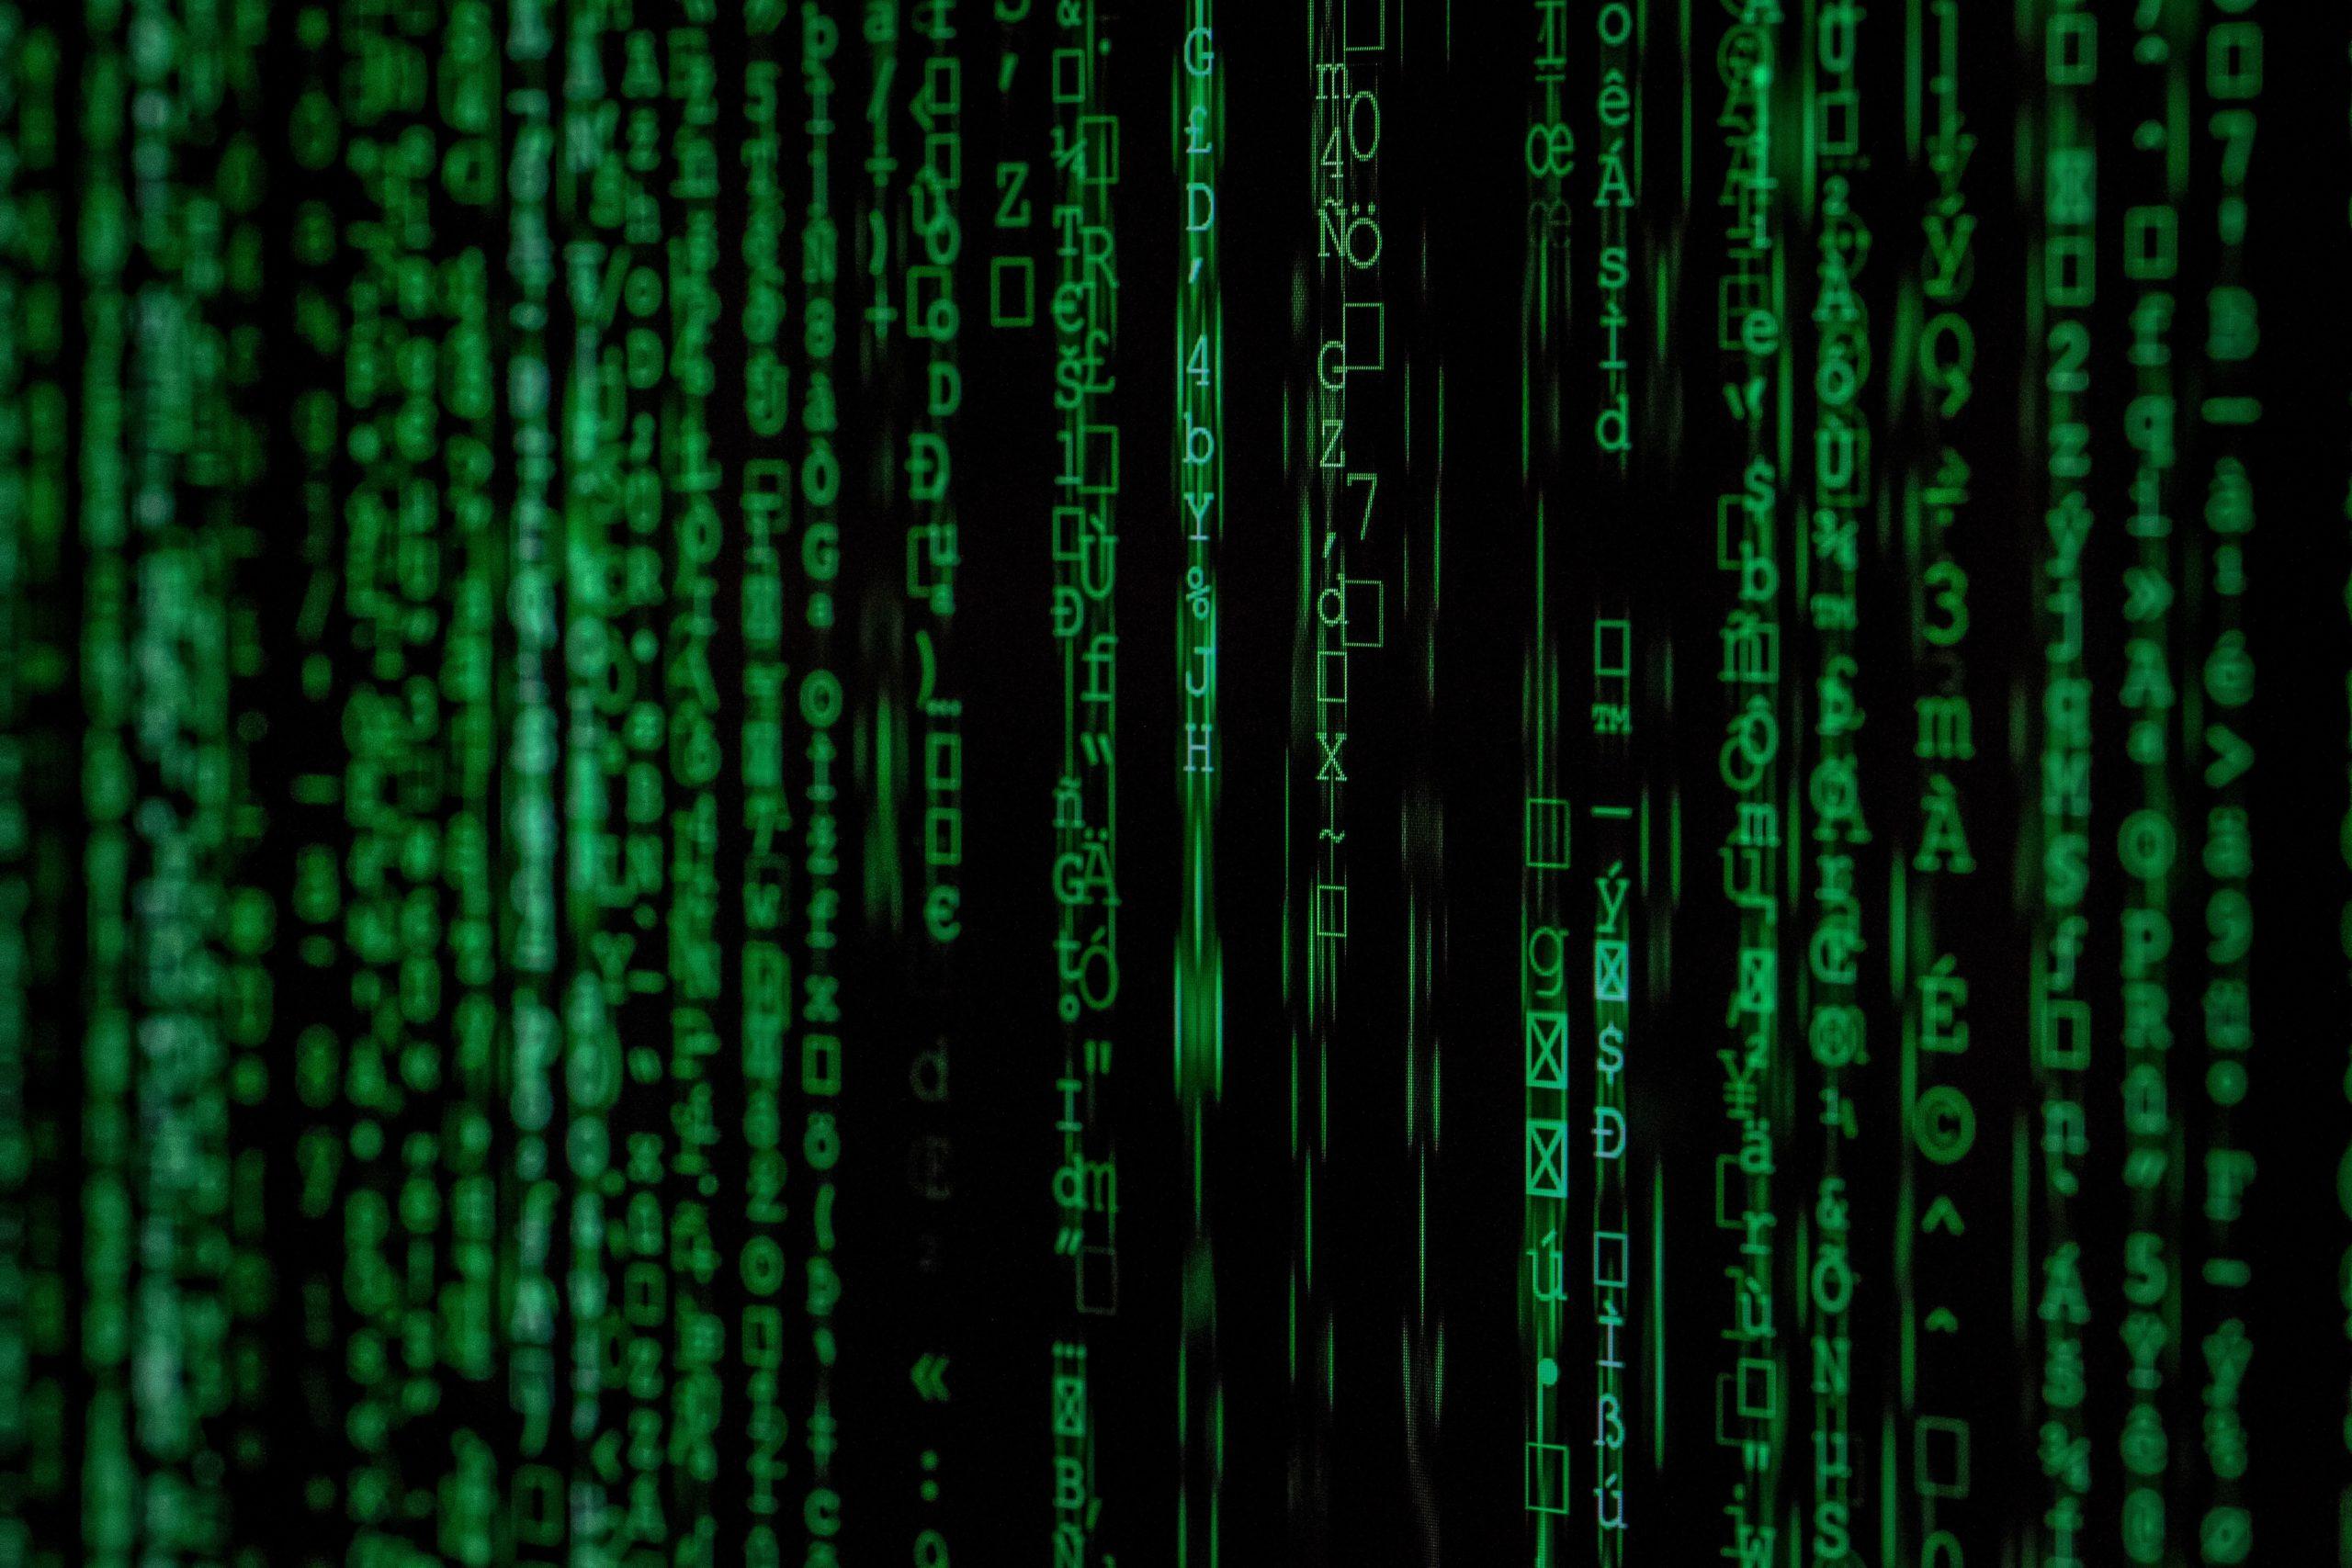 USA: rozwój sztucznej inteligencji do celów militarnych tylko w zgodzie z zasadami etyki